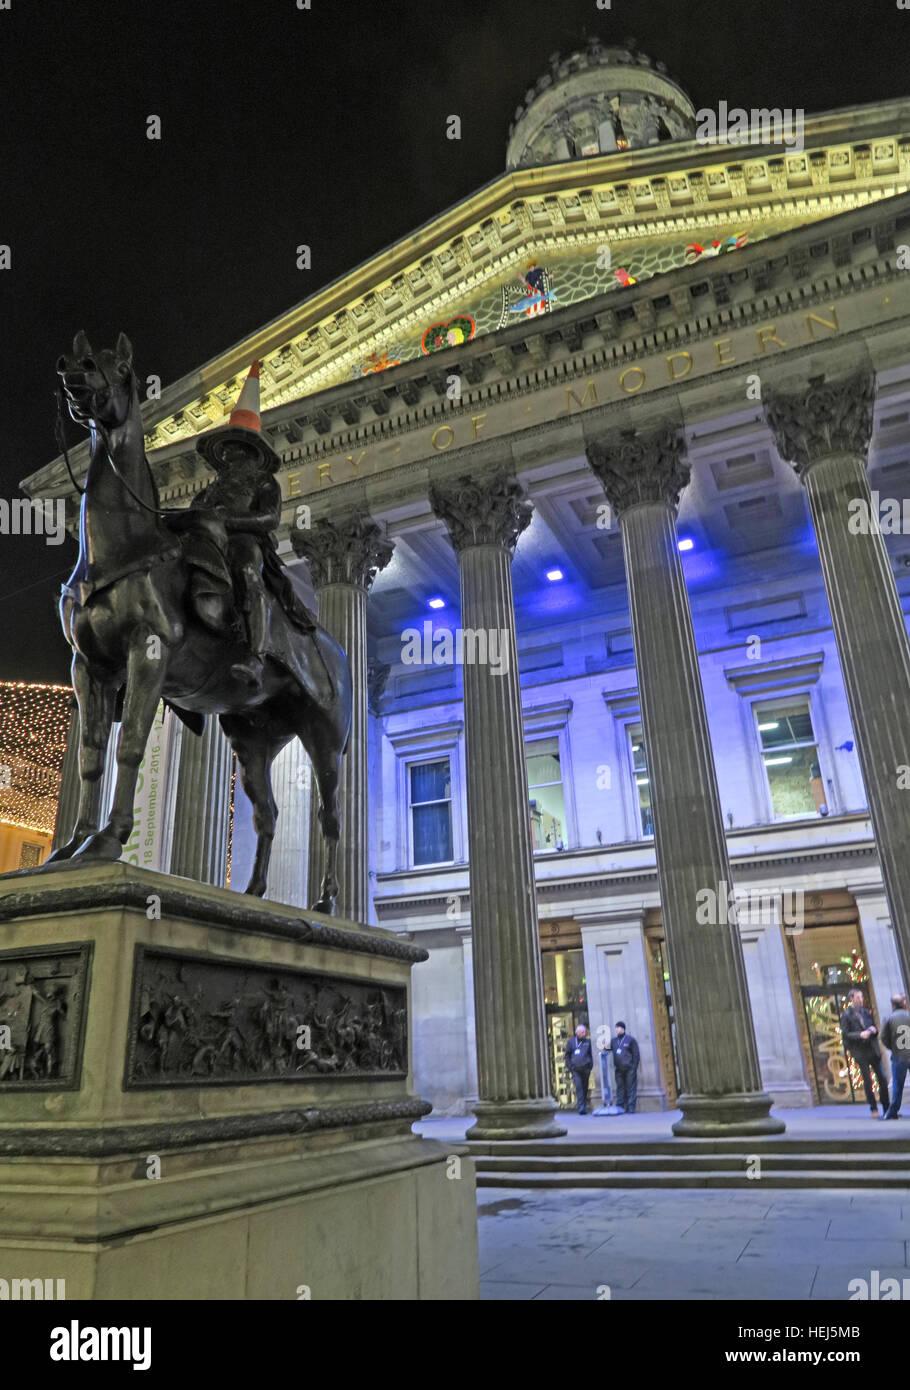 Laden Sie dieses Alamy Stockfoto Glasgow-Gebäude von der Merchant City, Schottland in der Nacht - GOMA und Verkehr Kegel auf Kopf des Herzogs von Wellington - HEJ5MB